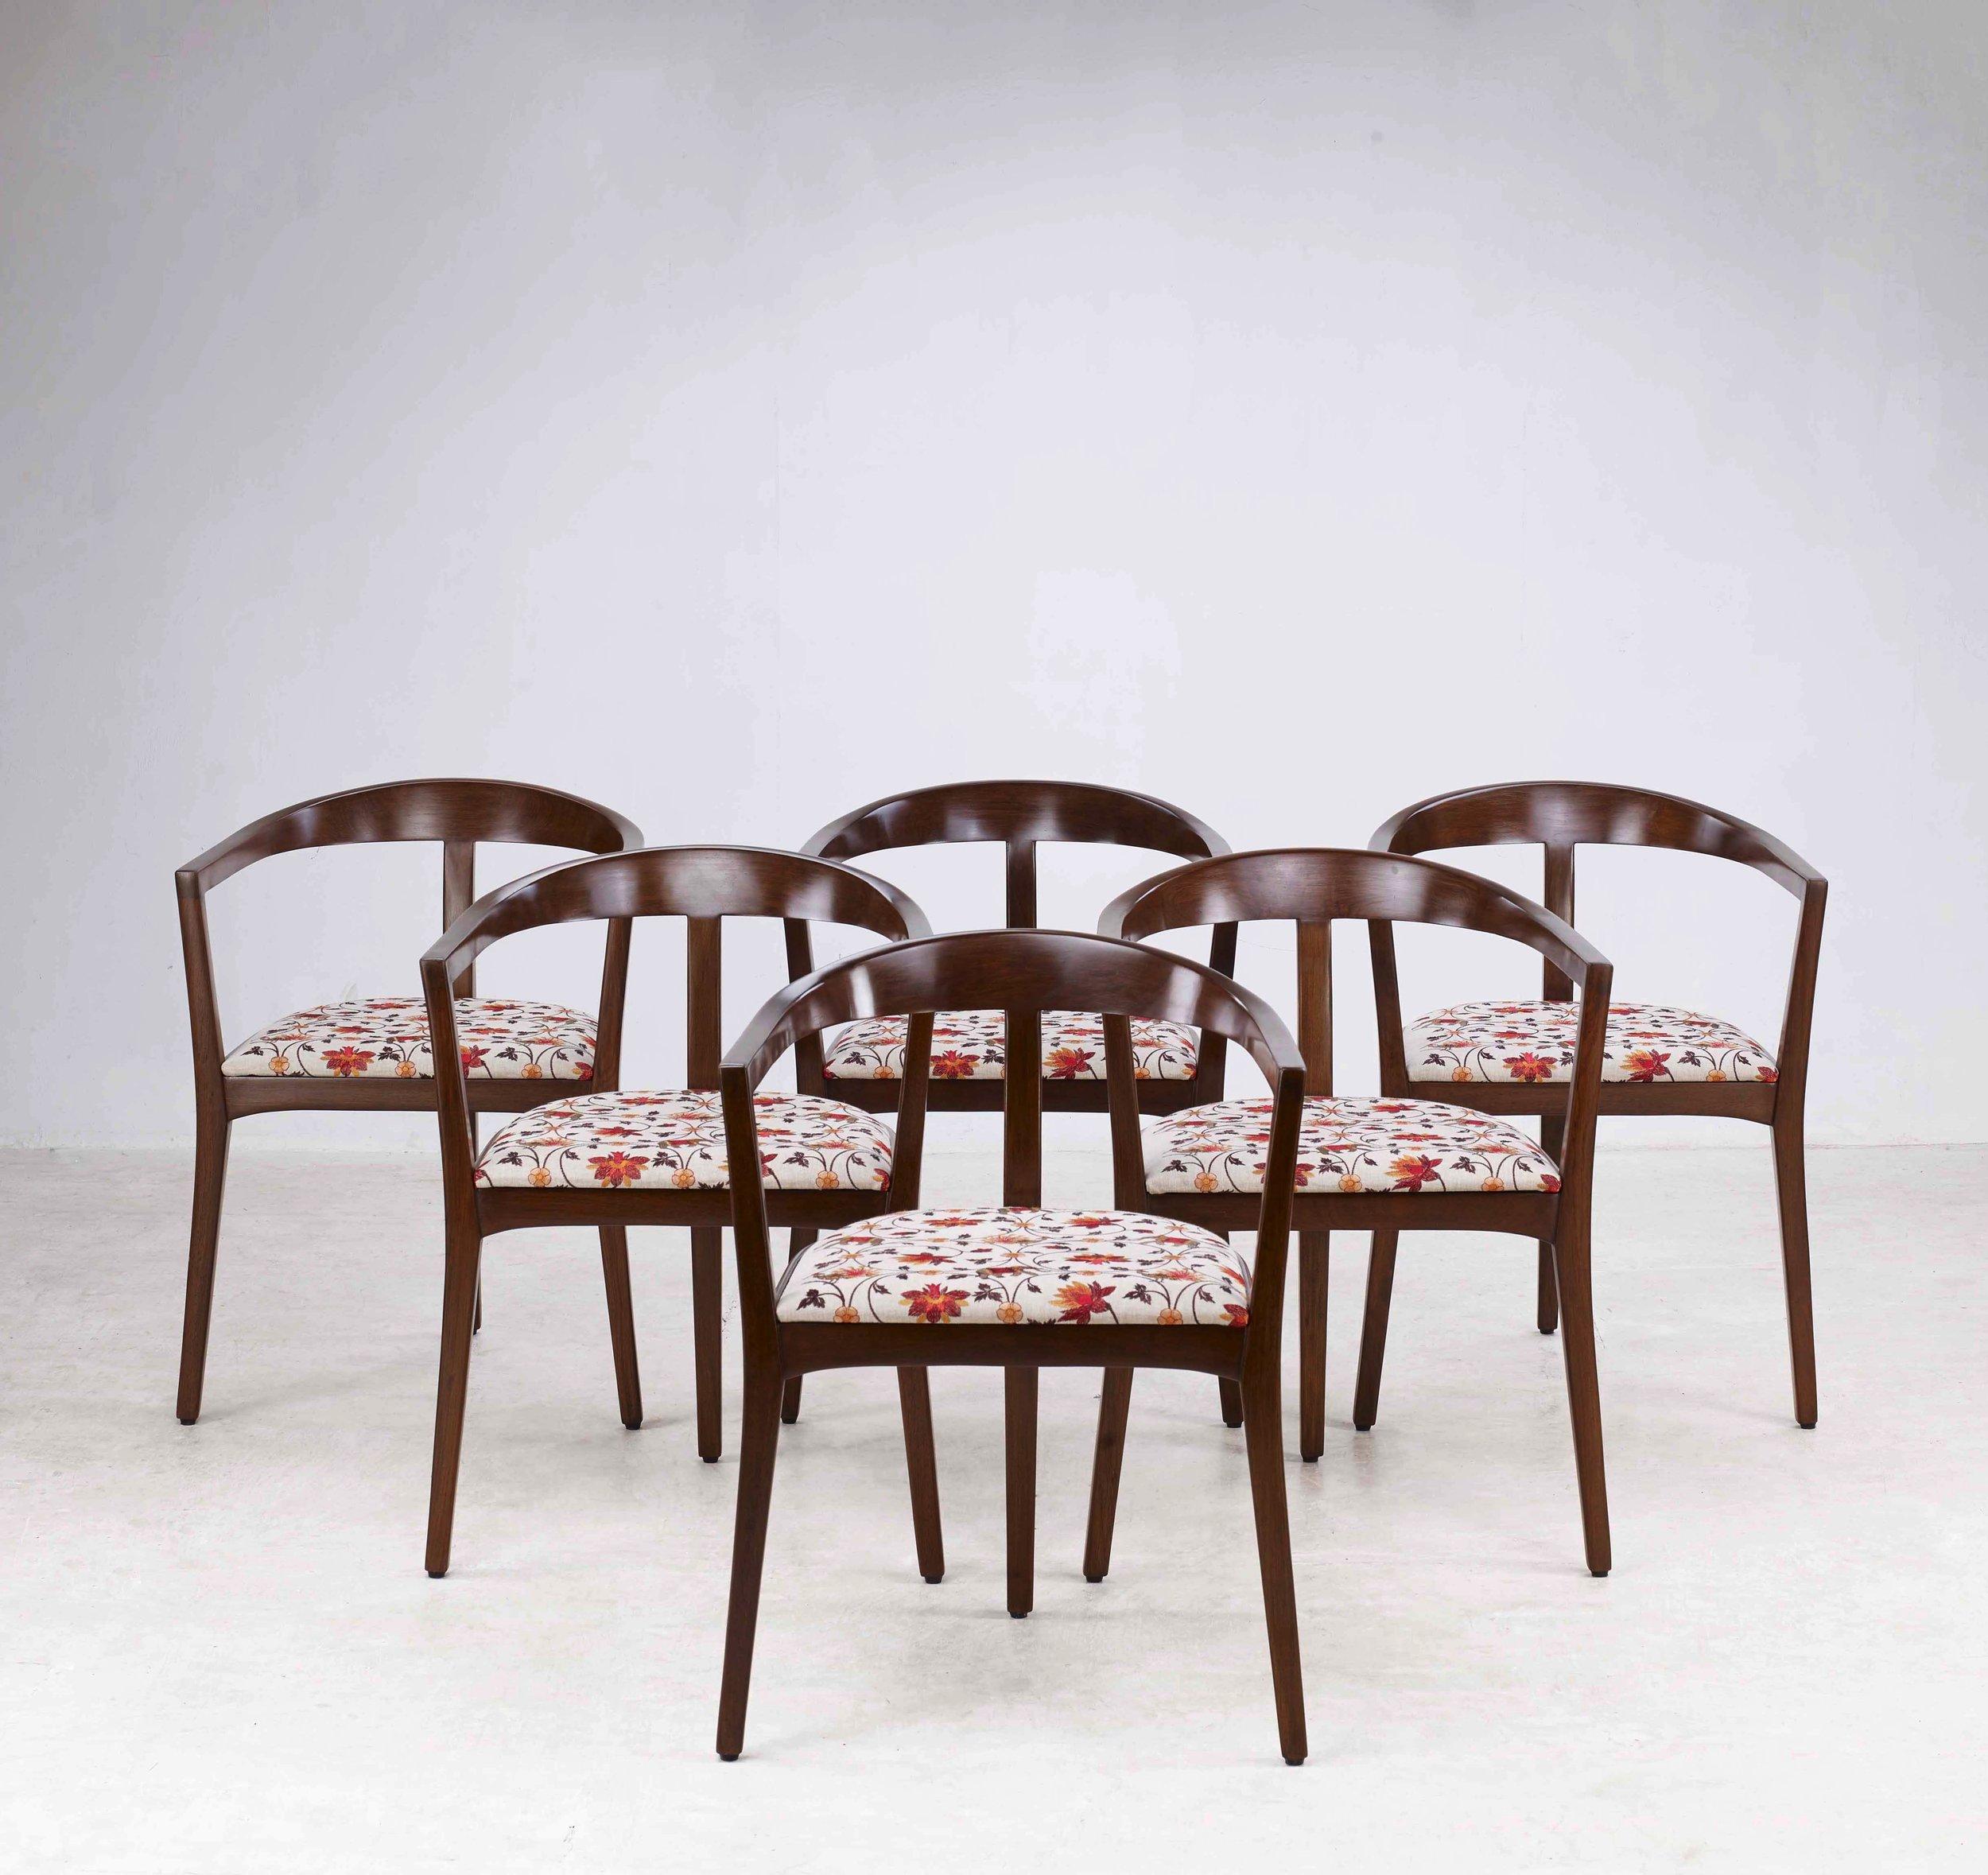 Johnson Arm Chair -